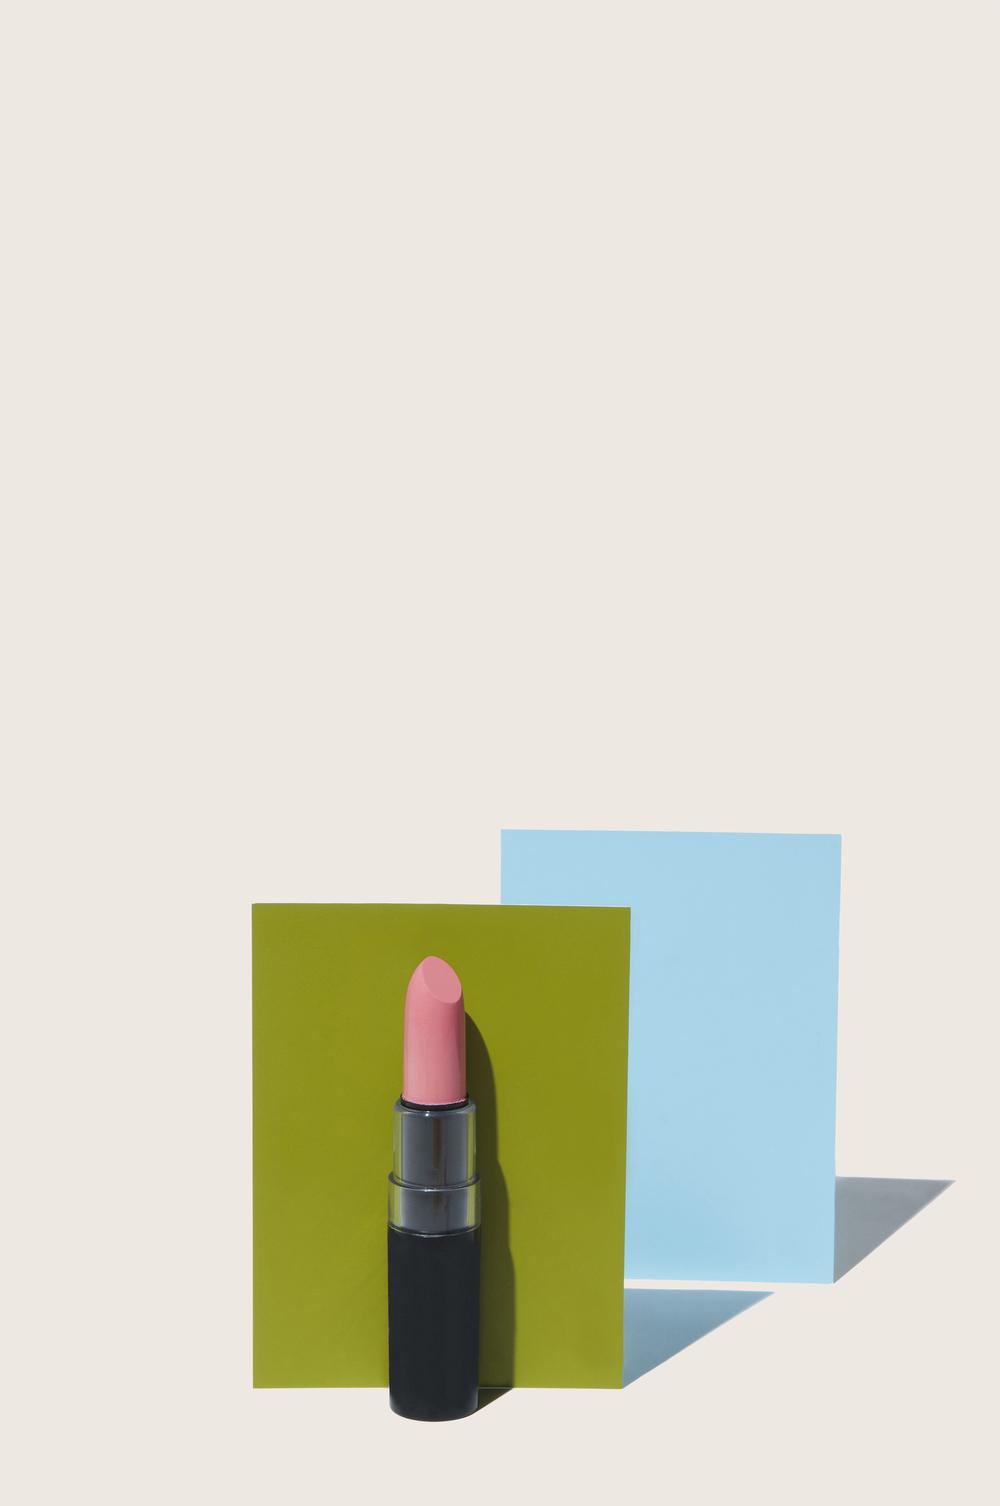 lipstick_inprogressALT.jpg